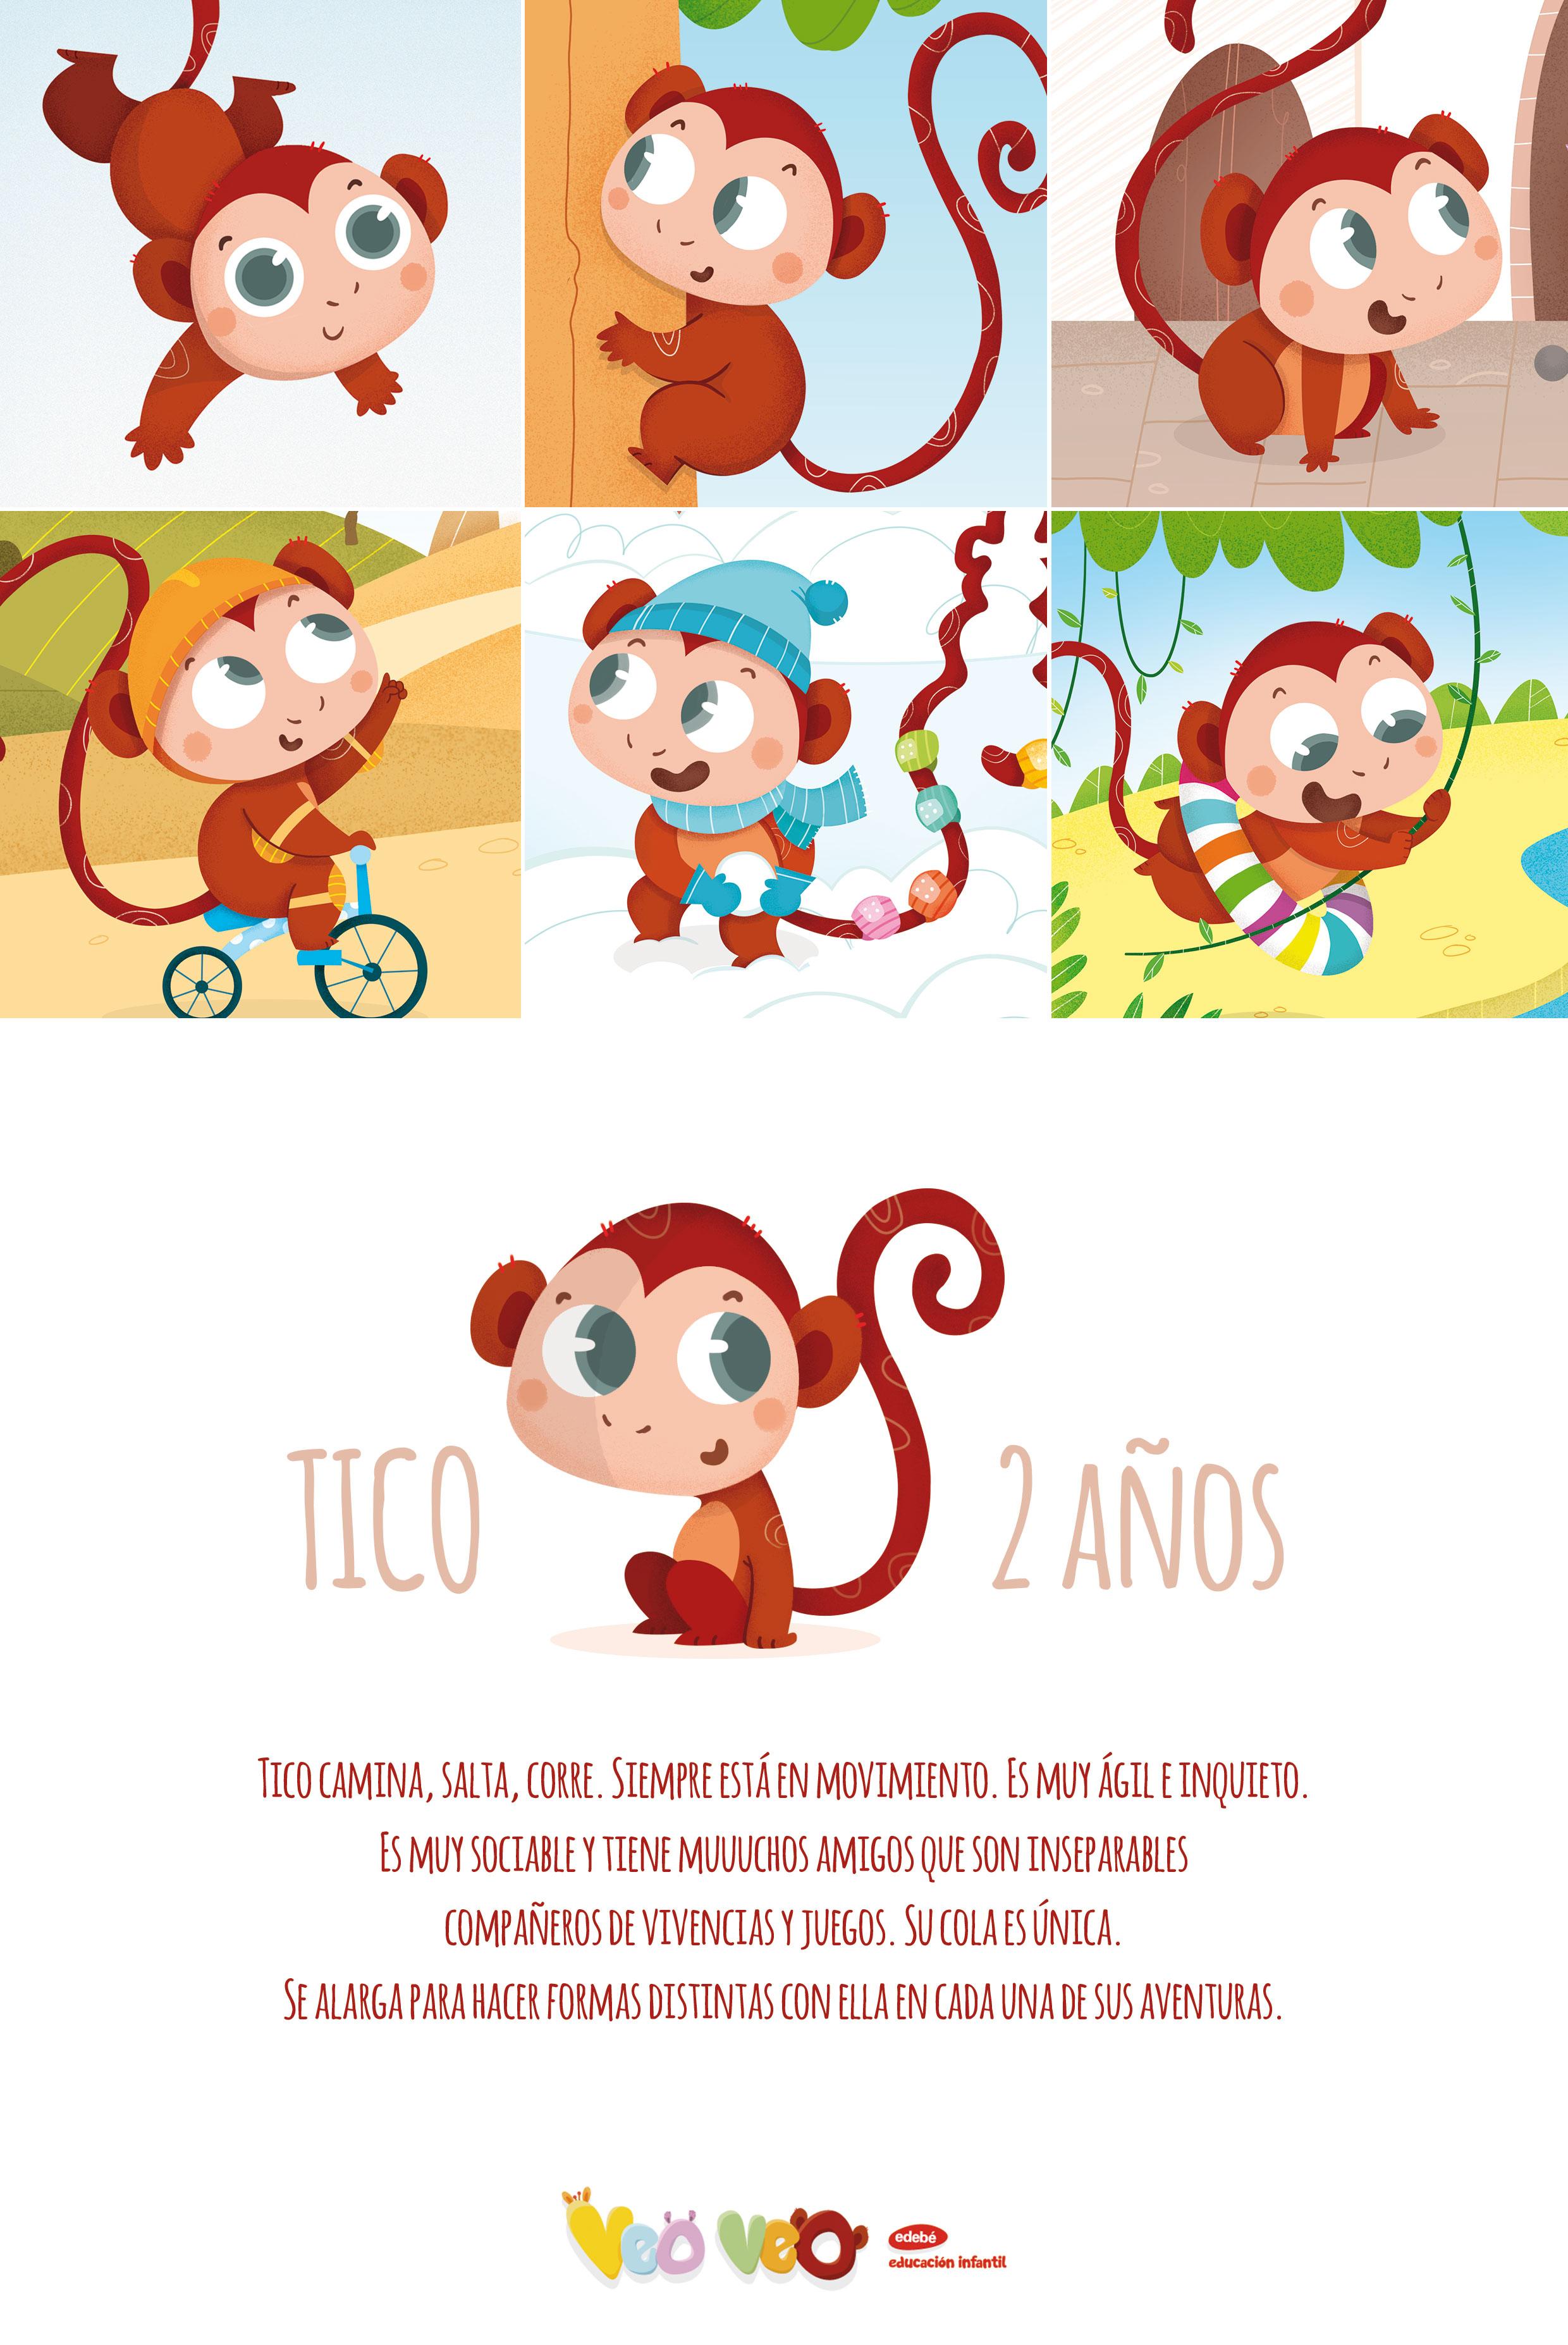 tico_ilustracion-infantil_proyecto-veo-veo_editorial-edebe